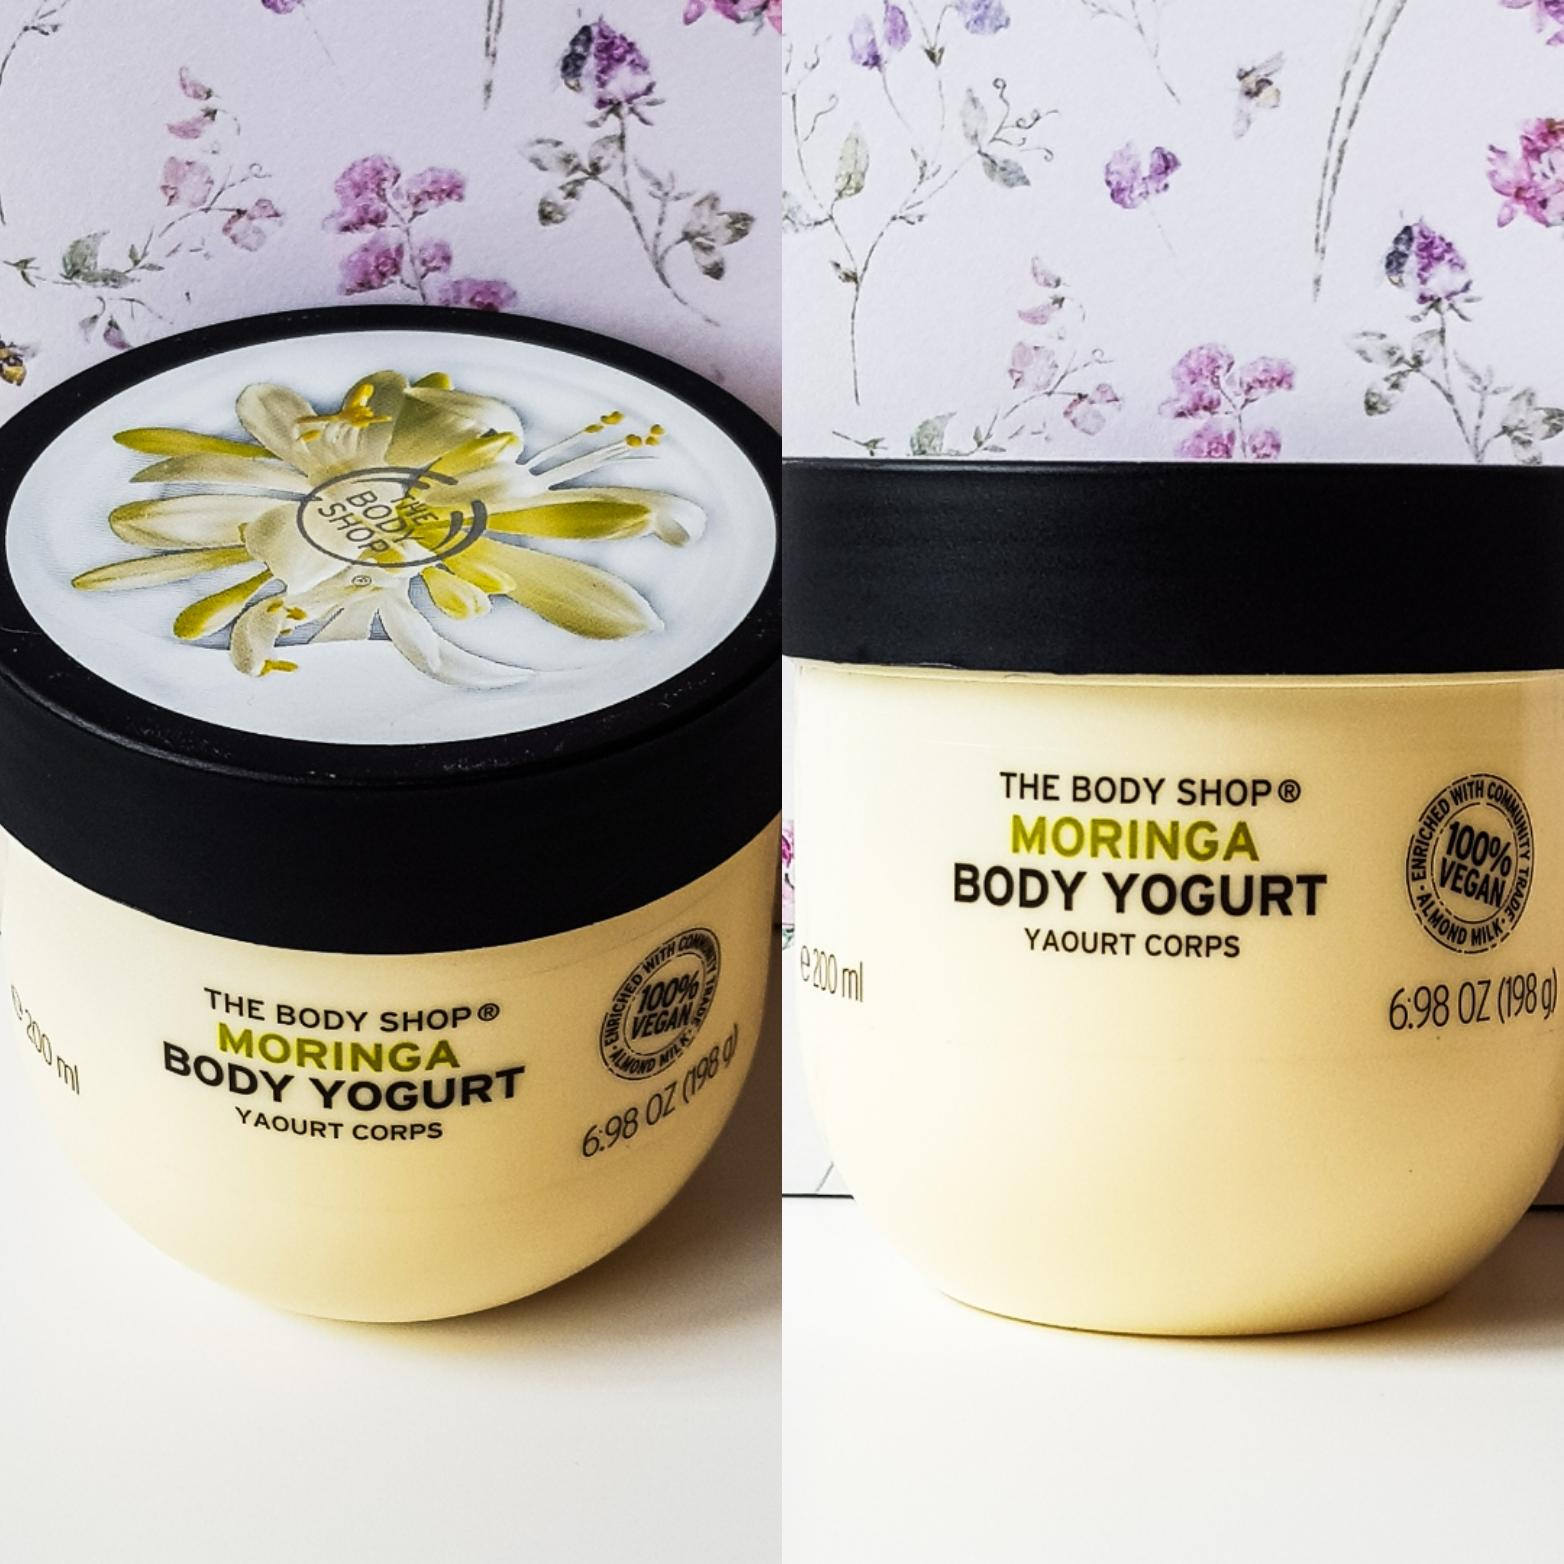 Moringa body yogurt